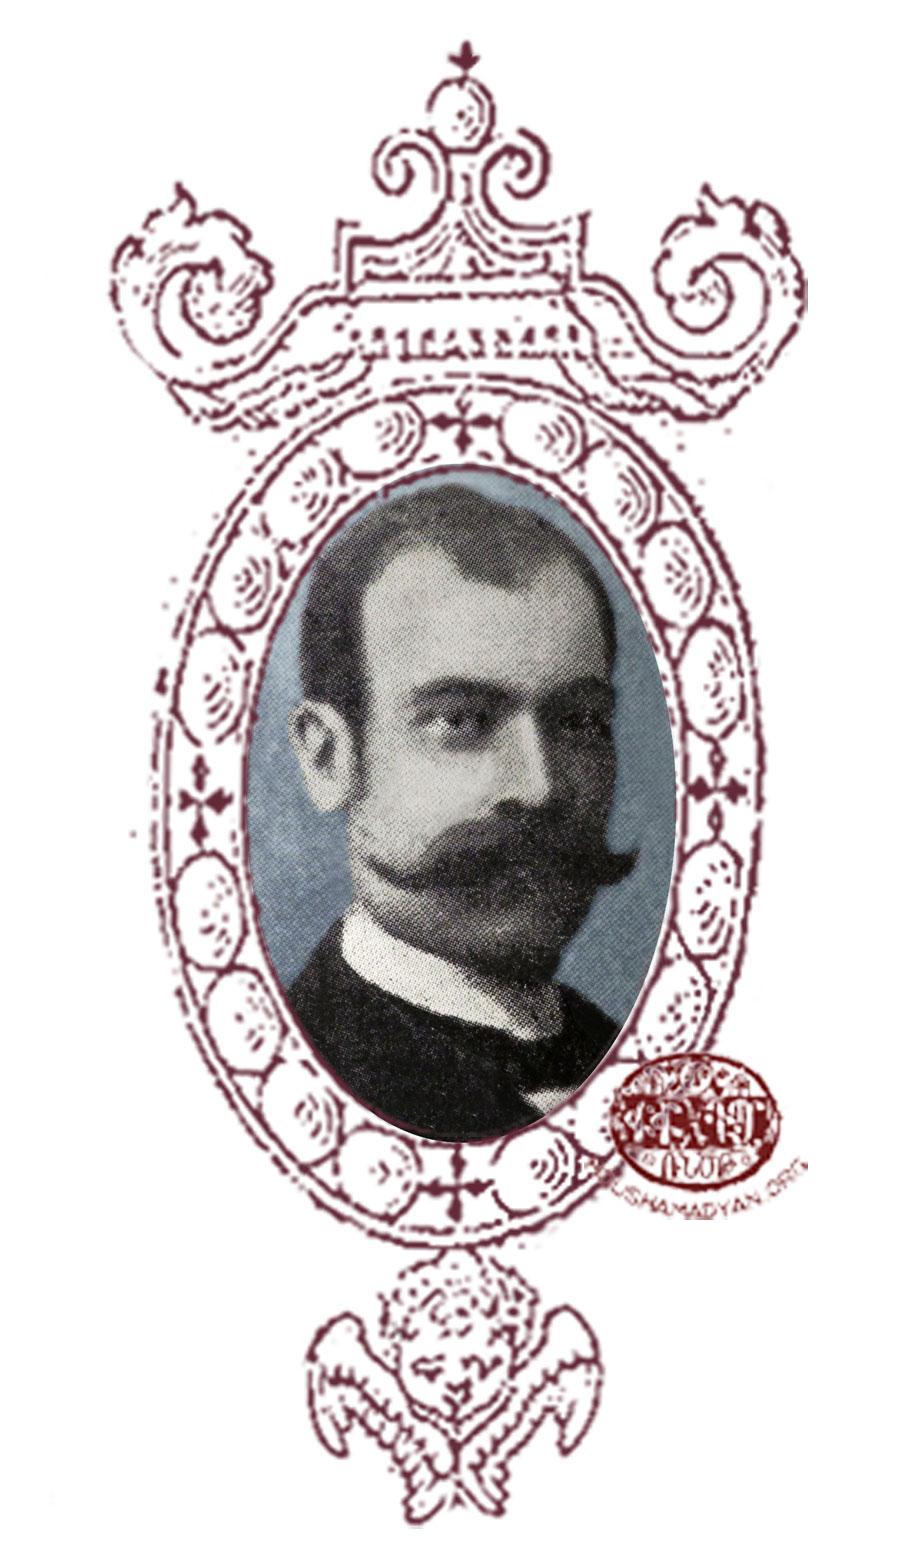 Ashour Yousouf